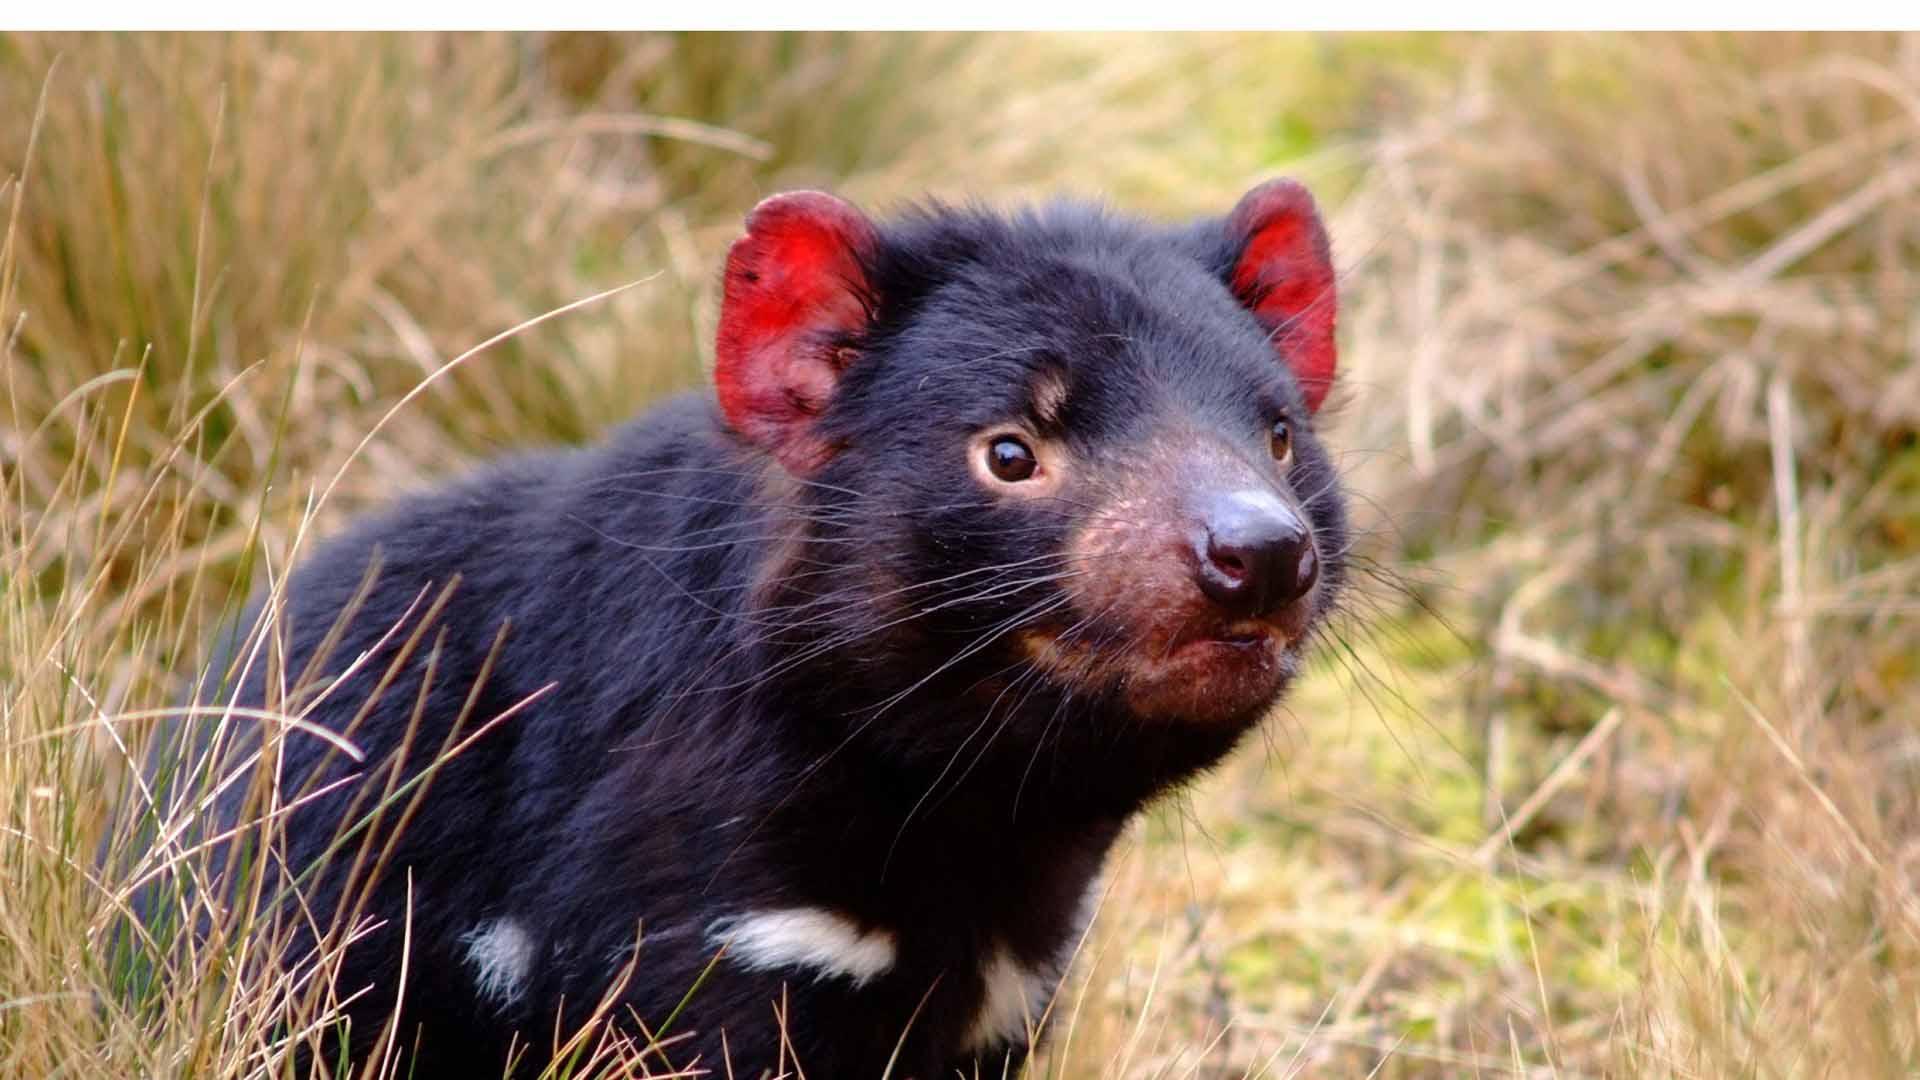 Investigadores determinaron que la leche los demonios de Tasmania contiene propiedades que protege de infecciones